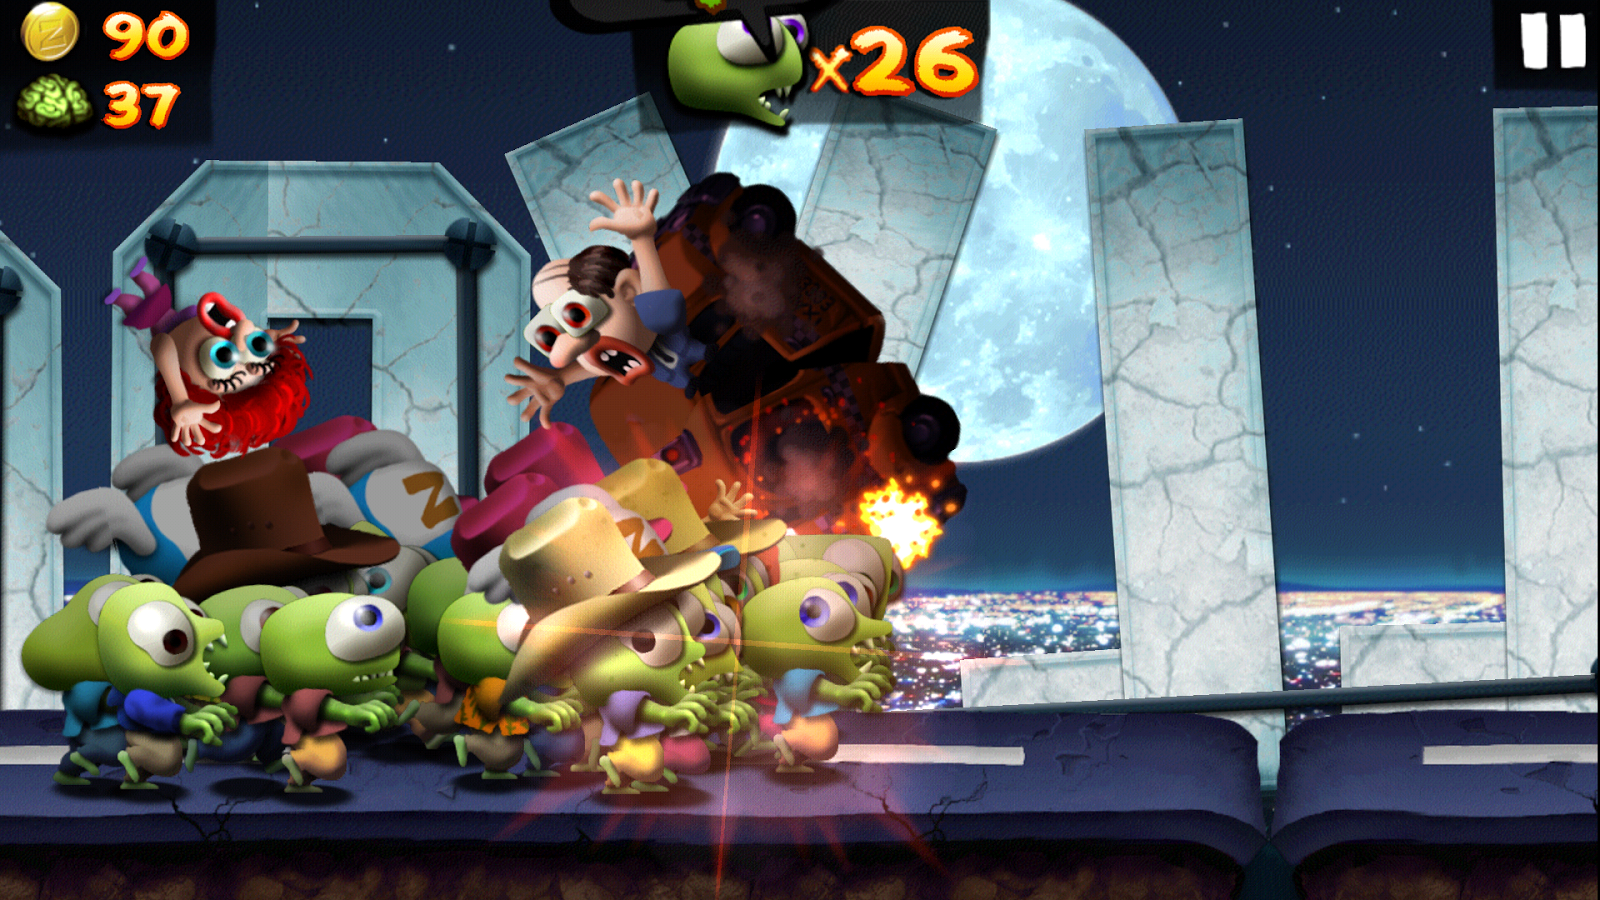 Top 5 jeux hd gratuits sur android et apple 2013 2014 1app4me solution jeux 1app4me - Telecharger angry birds star wars 2 ...